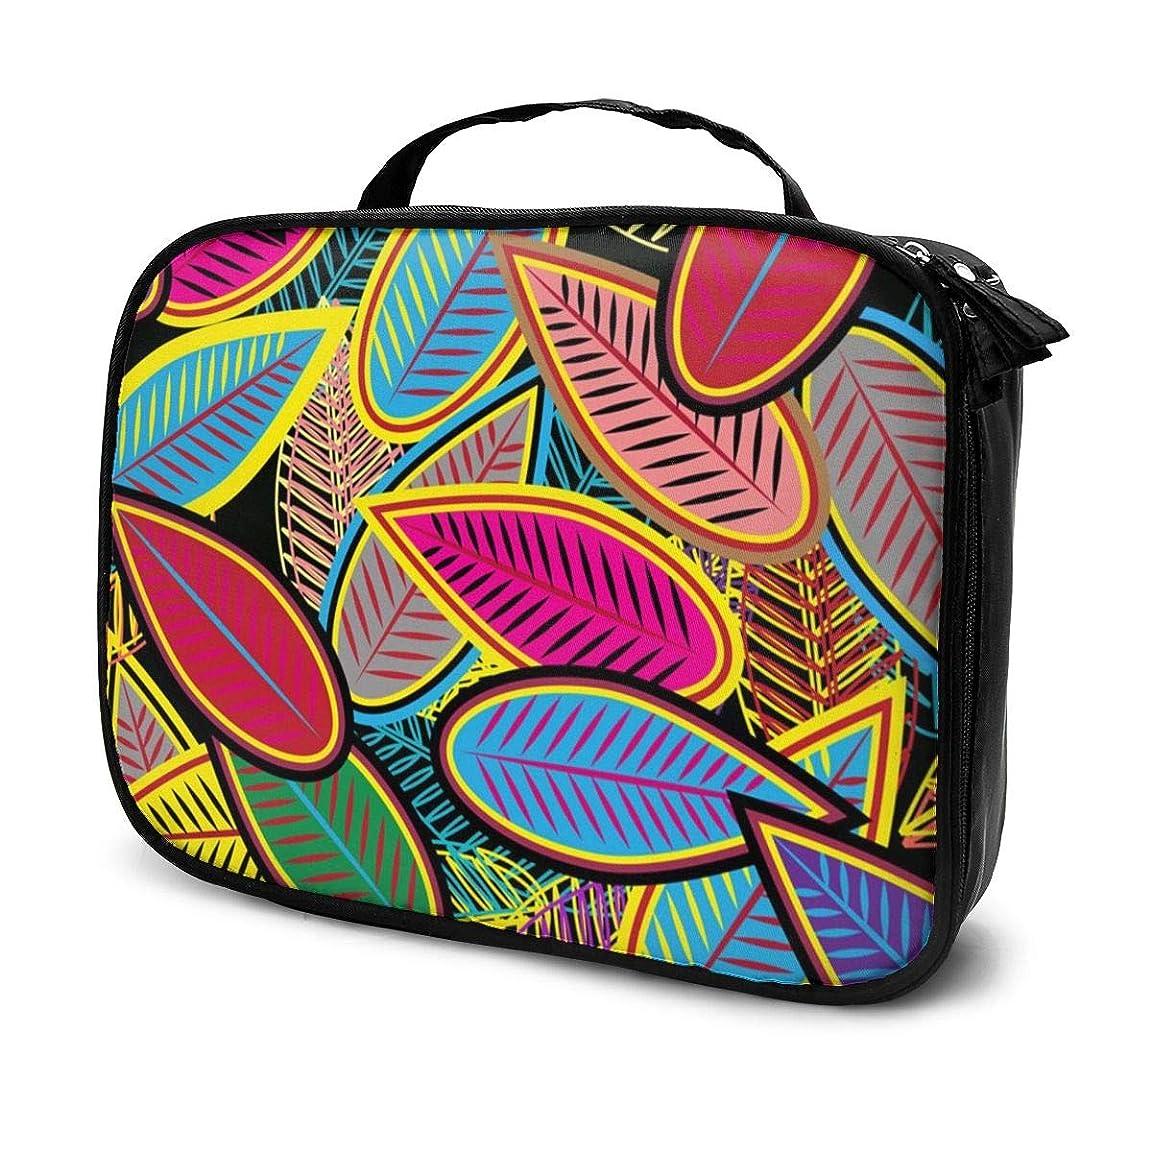 望む人間怒り収納袋抽象的な多色の葉化粧品袋耐摩耗性軽量ポータブル高品質大容量旅行ポーチバスルームポーチ旅行小物整理約8×25×19cm